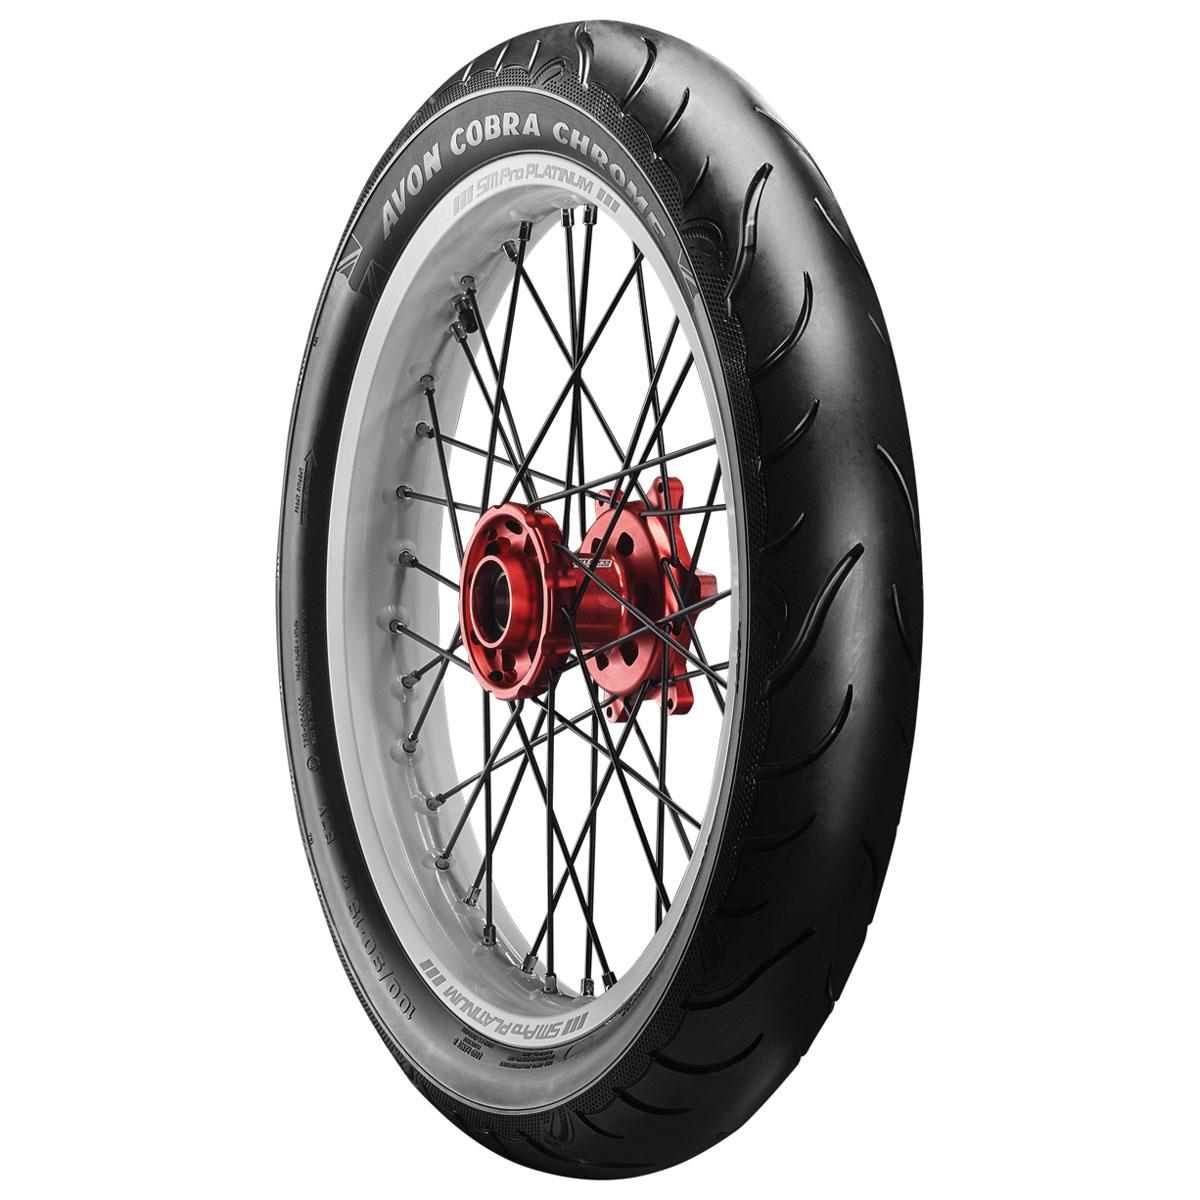 Avon AV91 Cobra Chrome MT90B16 Front Tire